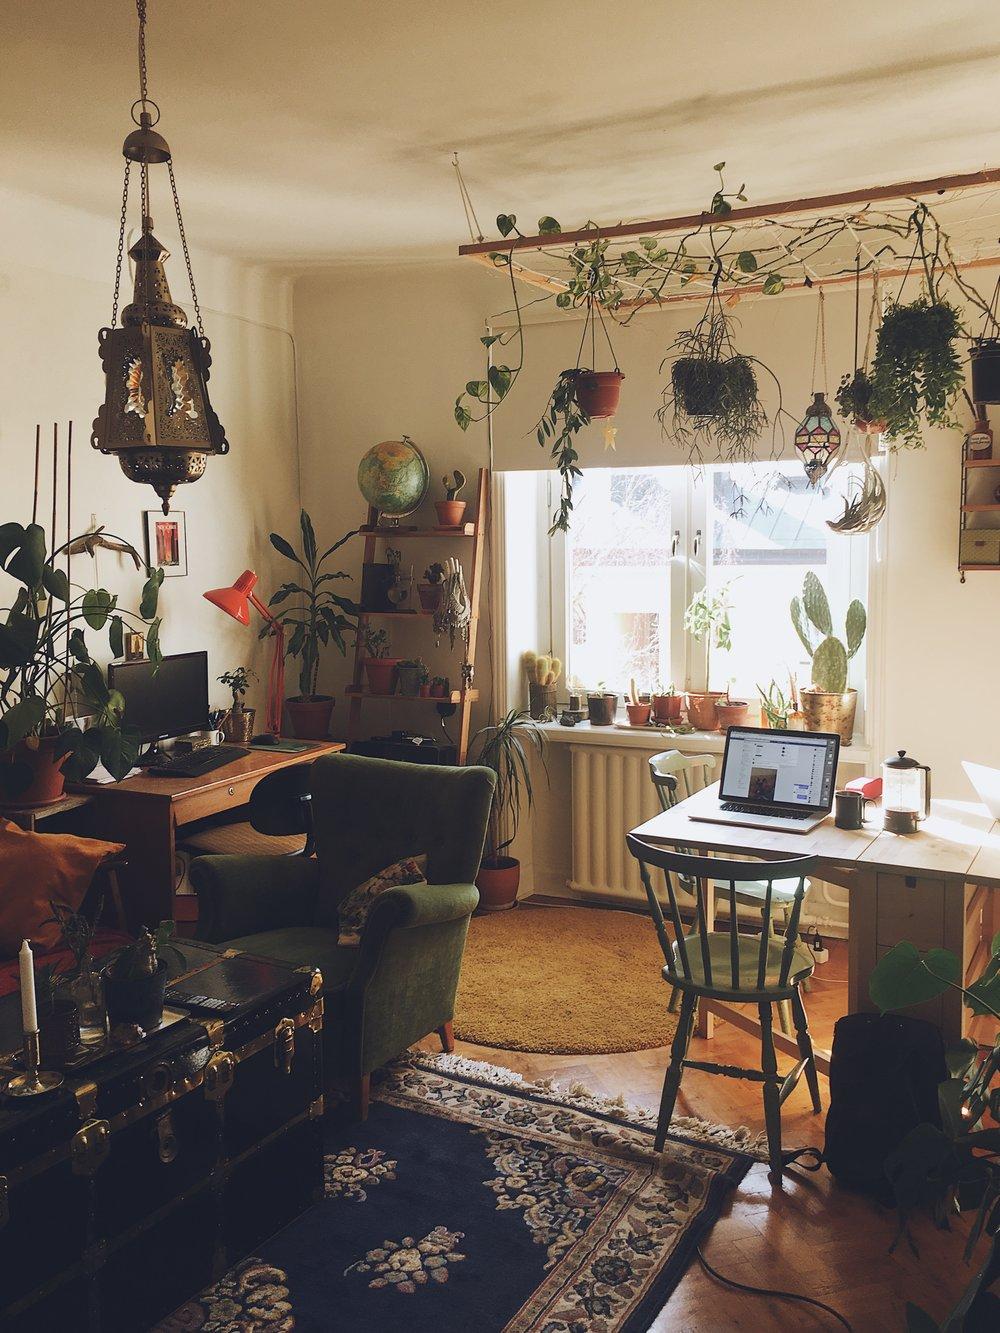 Från   Jeanette  s lägenhet där vi haft hoffice, alltså home-office.